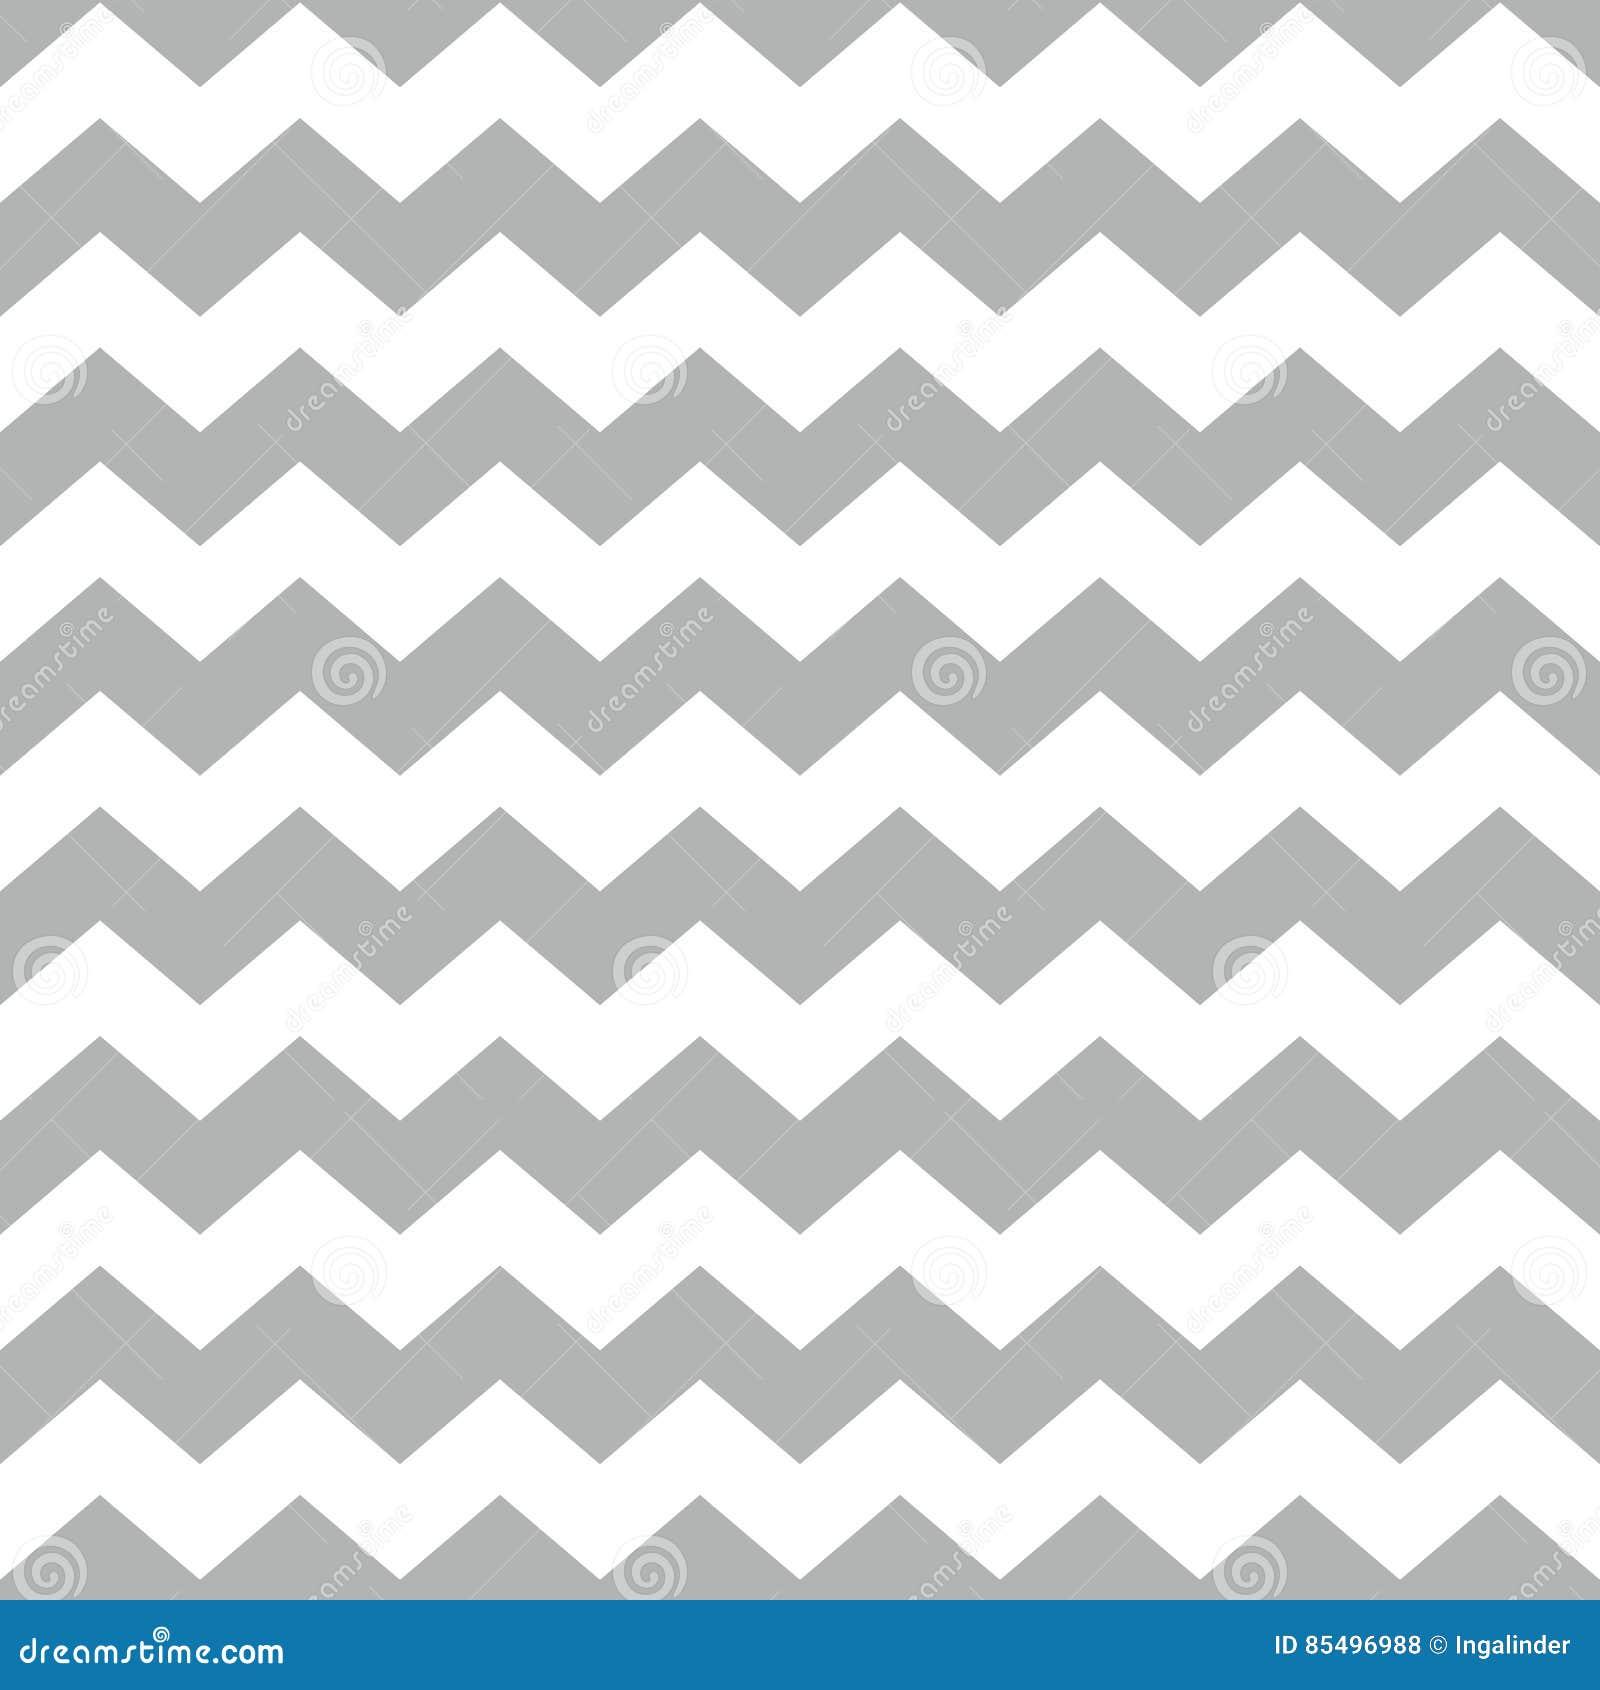 Telhe o teste padrão do vetor da viga com fundo branco e cinzento do ziguezague